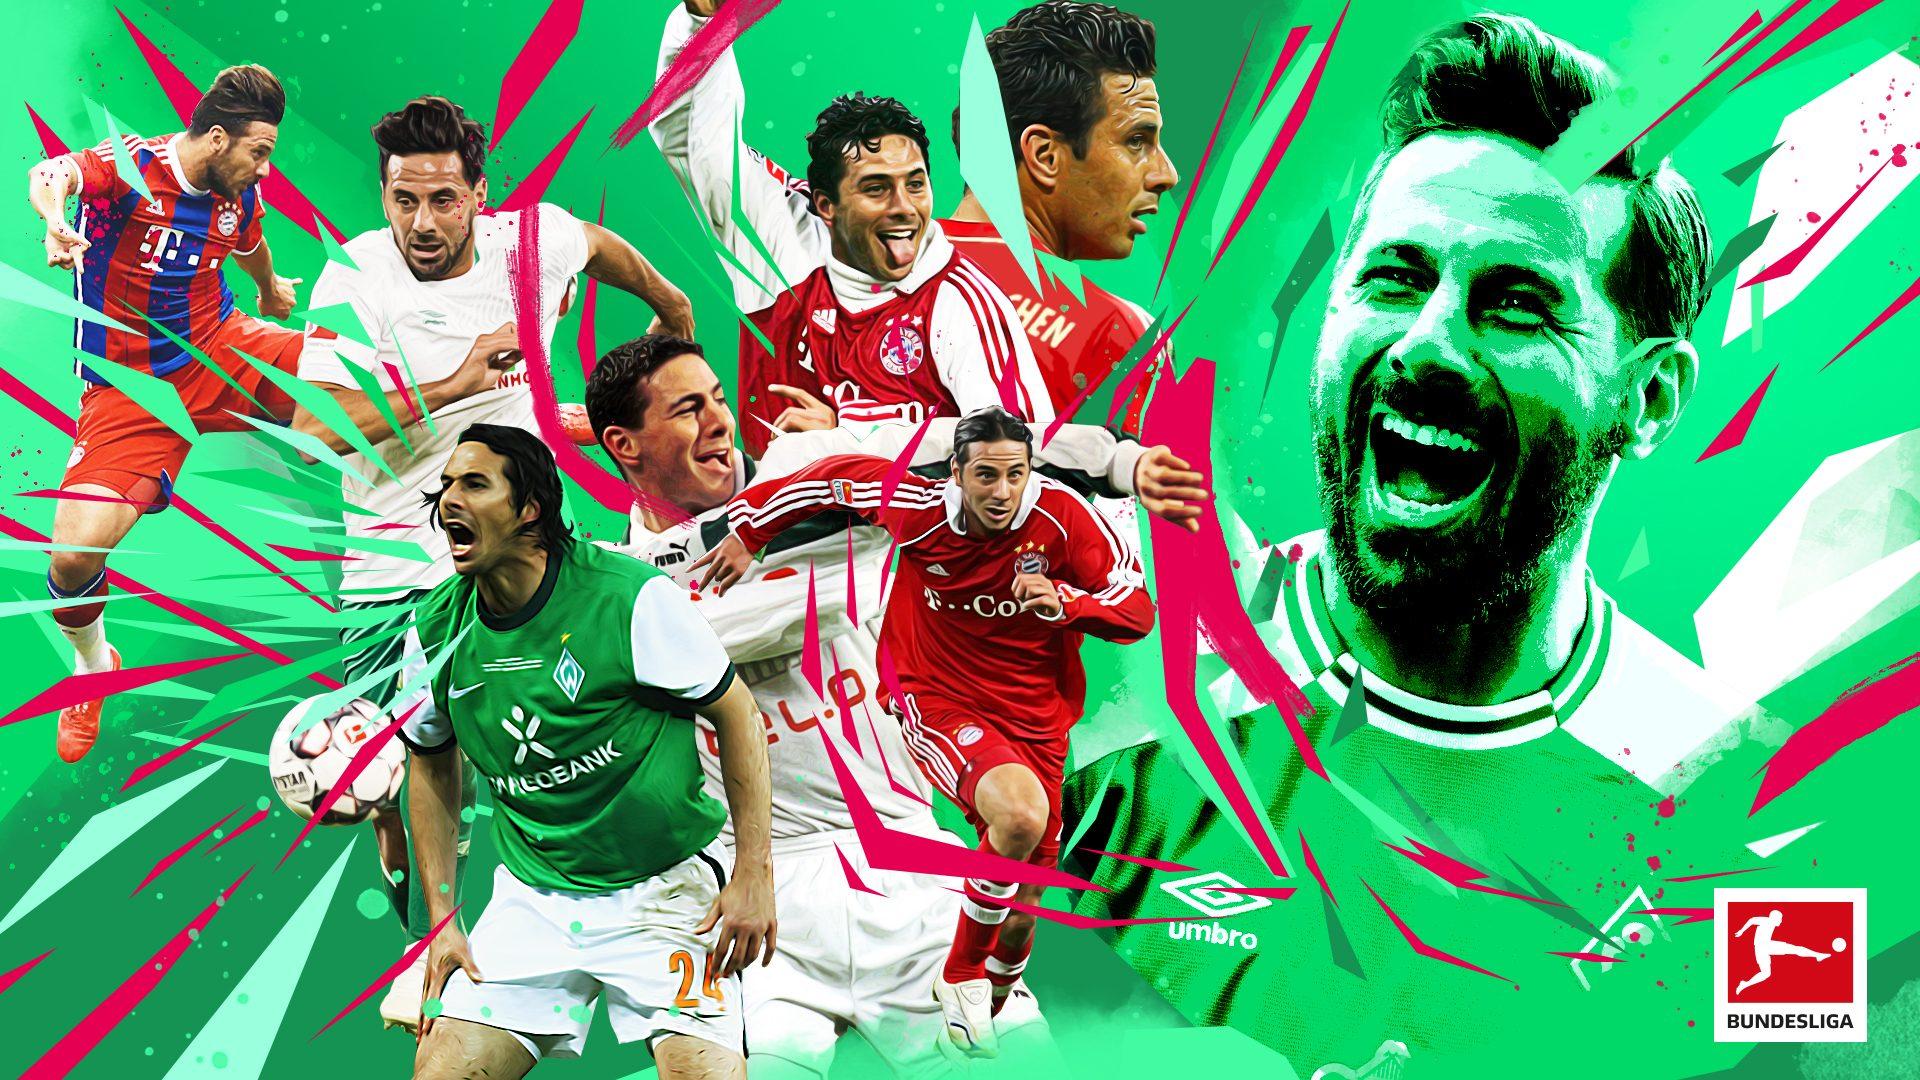 Die Pizarro-Story: Durch ein Loch im Zaun zur Legende